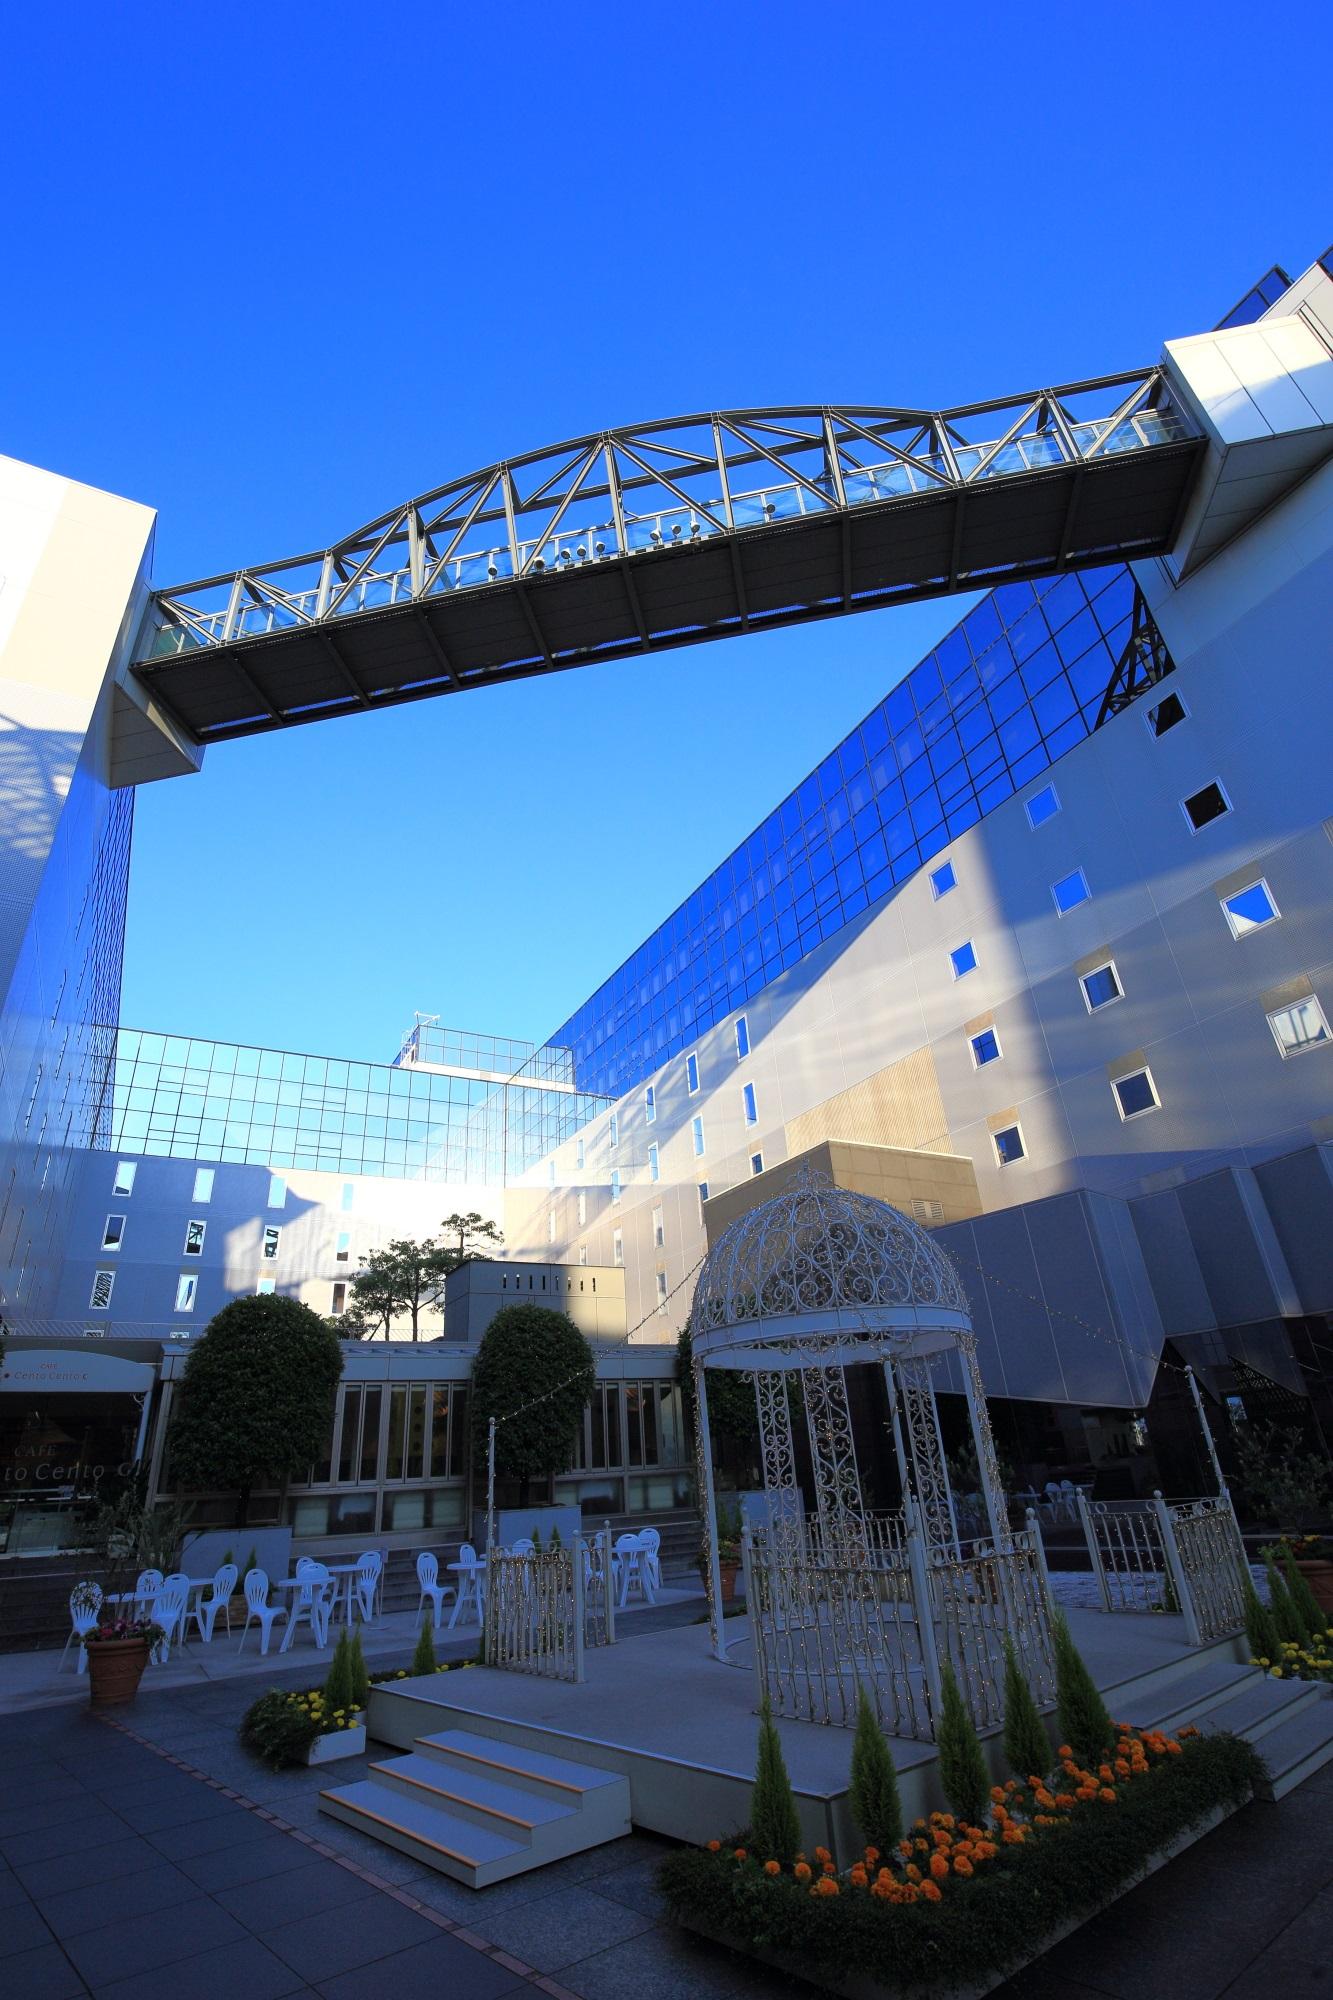 駅ビルのイベントの東広場と青空